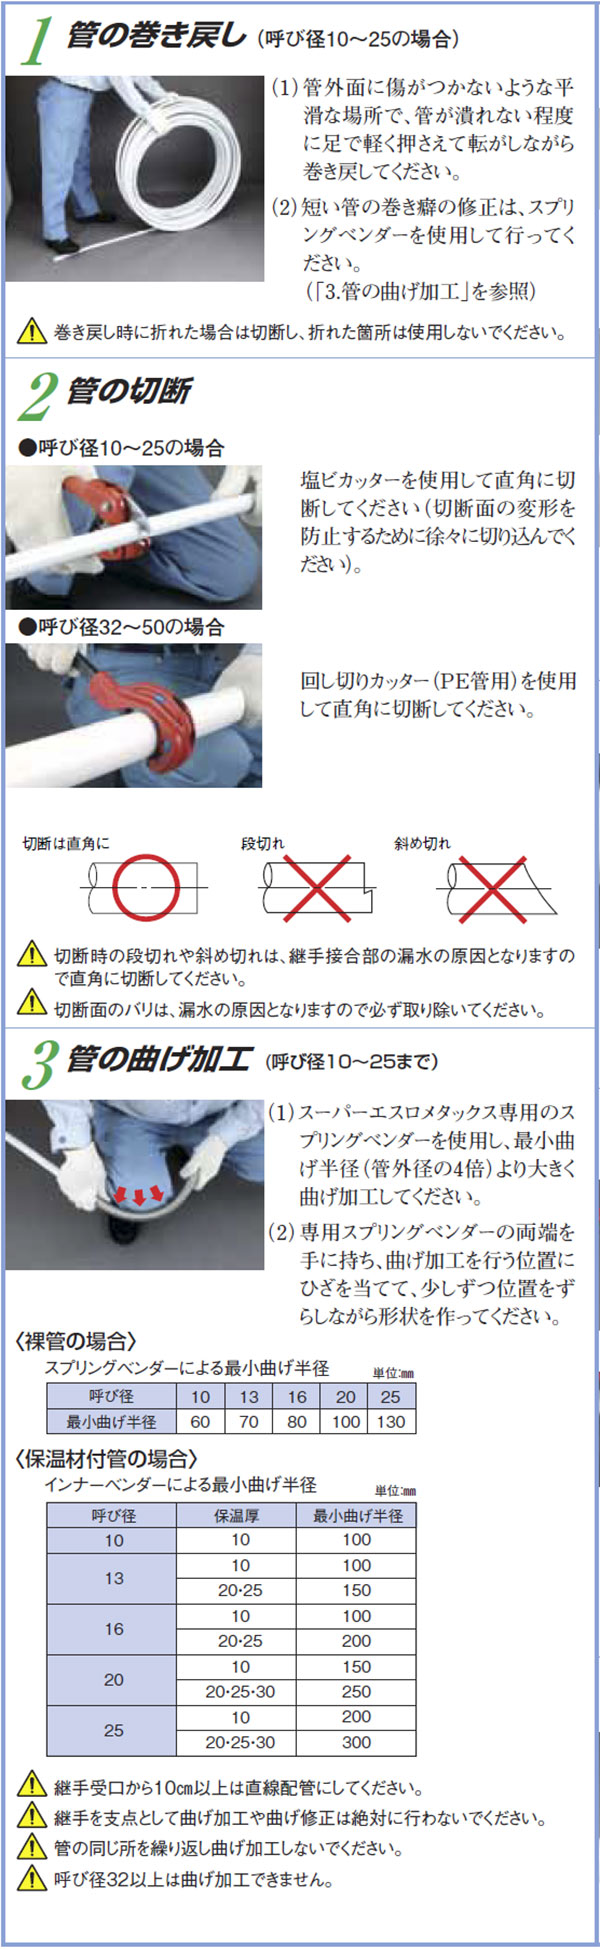 エスロンスーパーエスロメタックス・メタキュットの施工手順